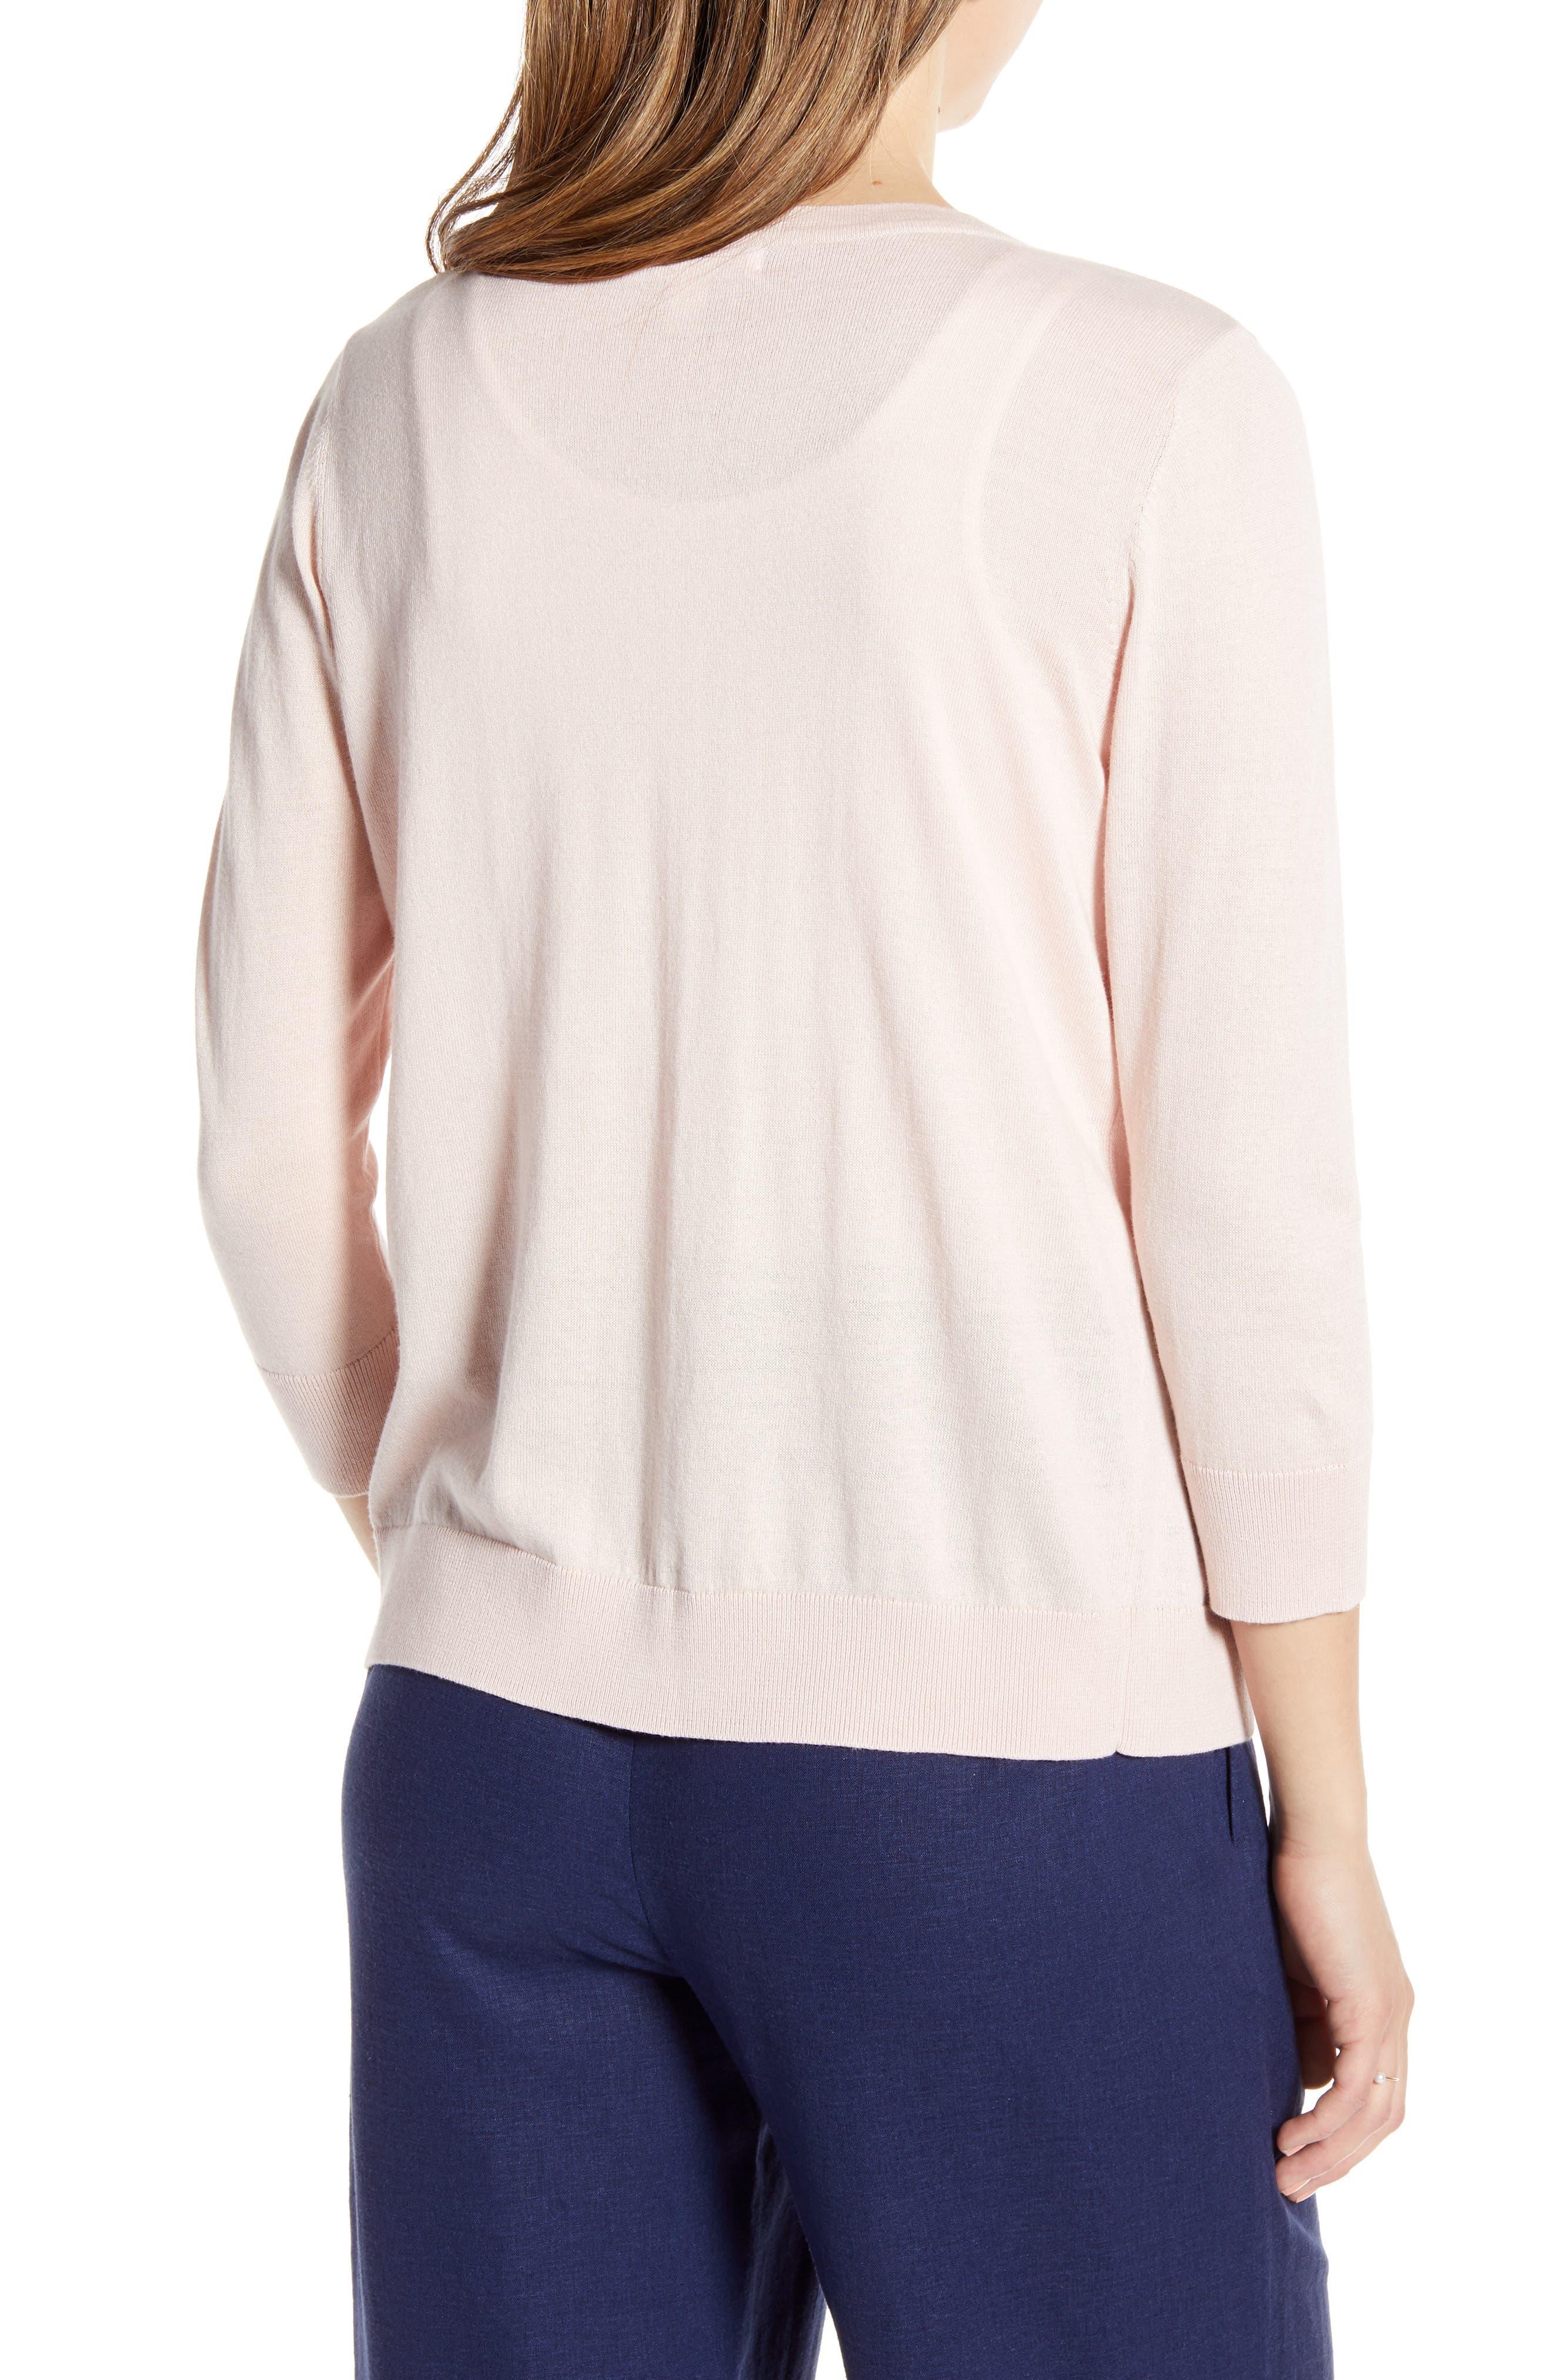 d9f6bdeee238 Women's Pink Sweaters | Nordstrom